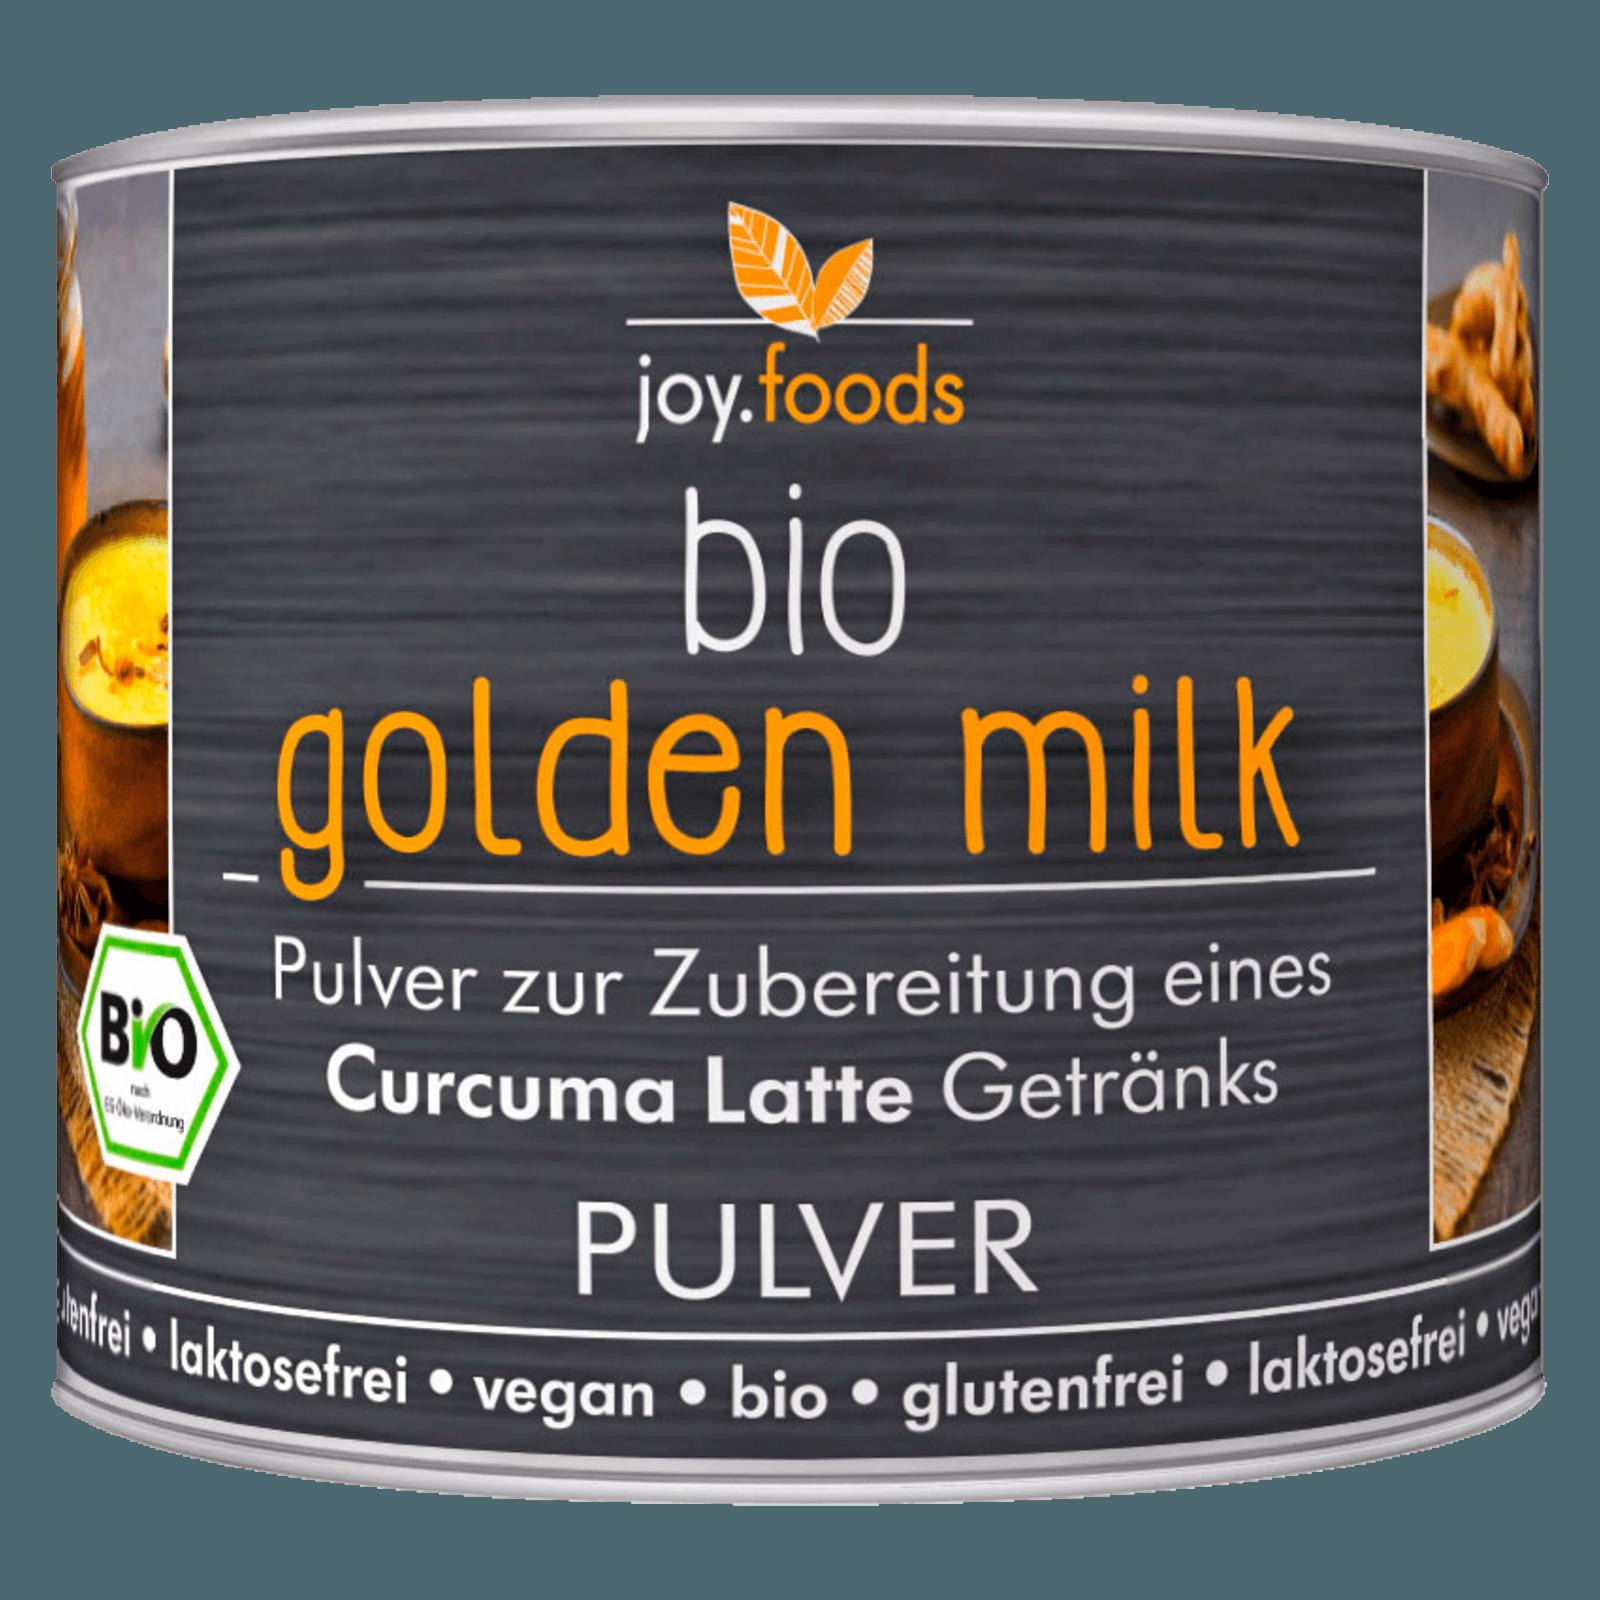 Joyfoods Golden Milk 70g